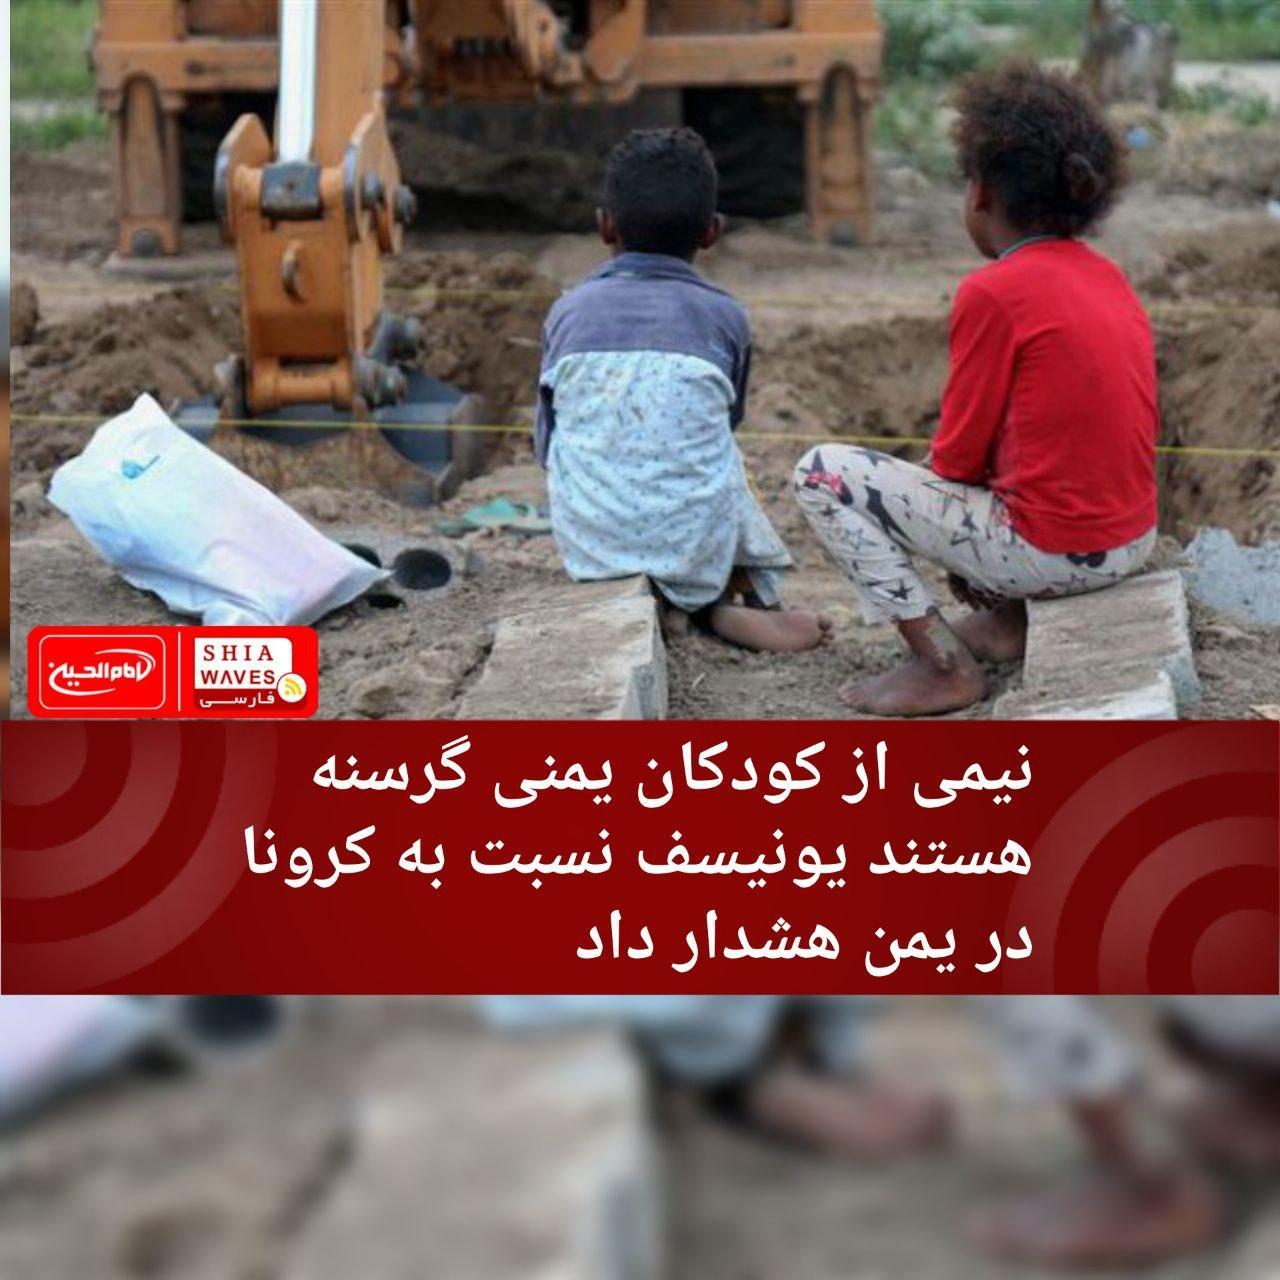 تصویر نیمی از کودکان یمنی گرسنه هستند/یونیسف نسبت به کرونا در یمن هشدار داد